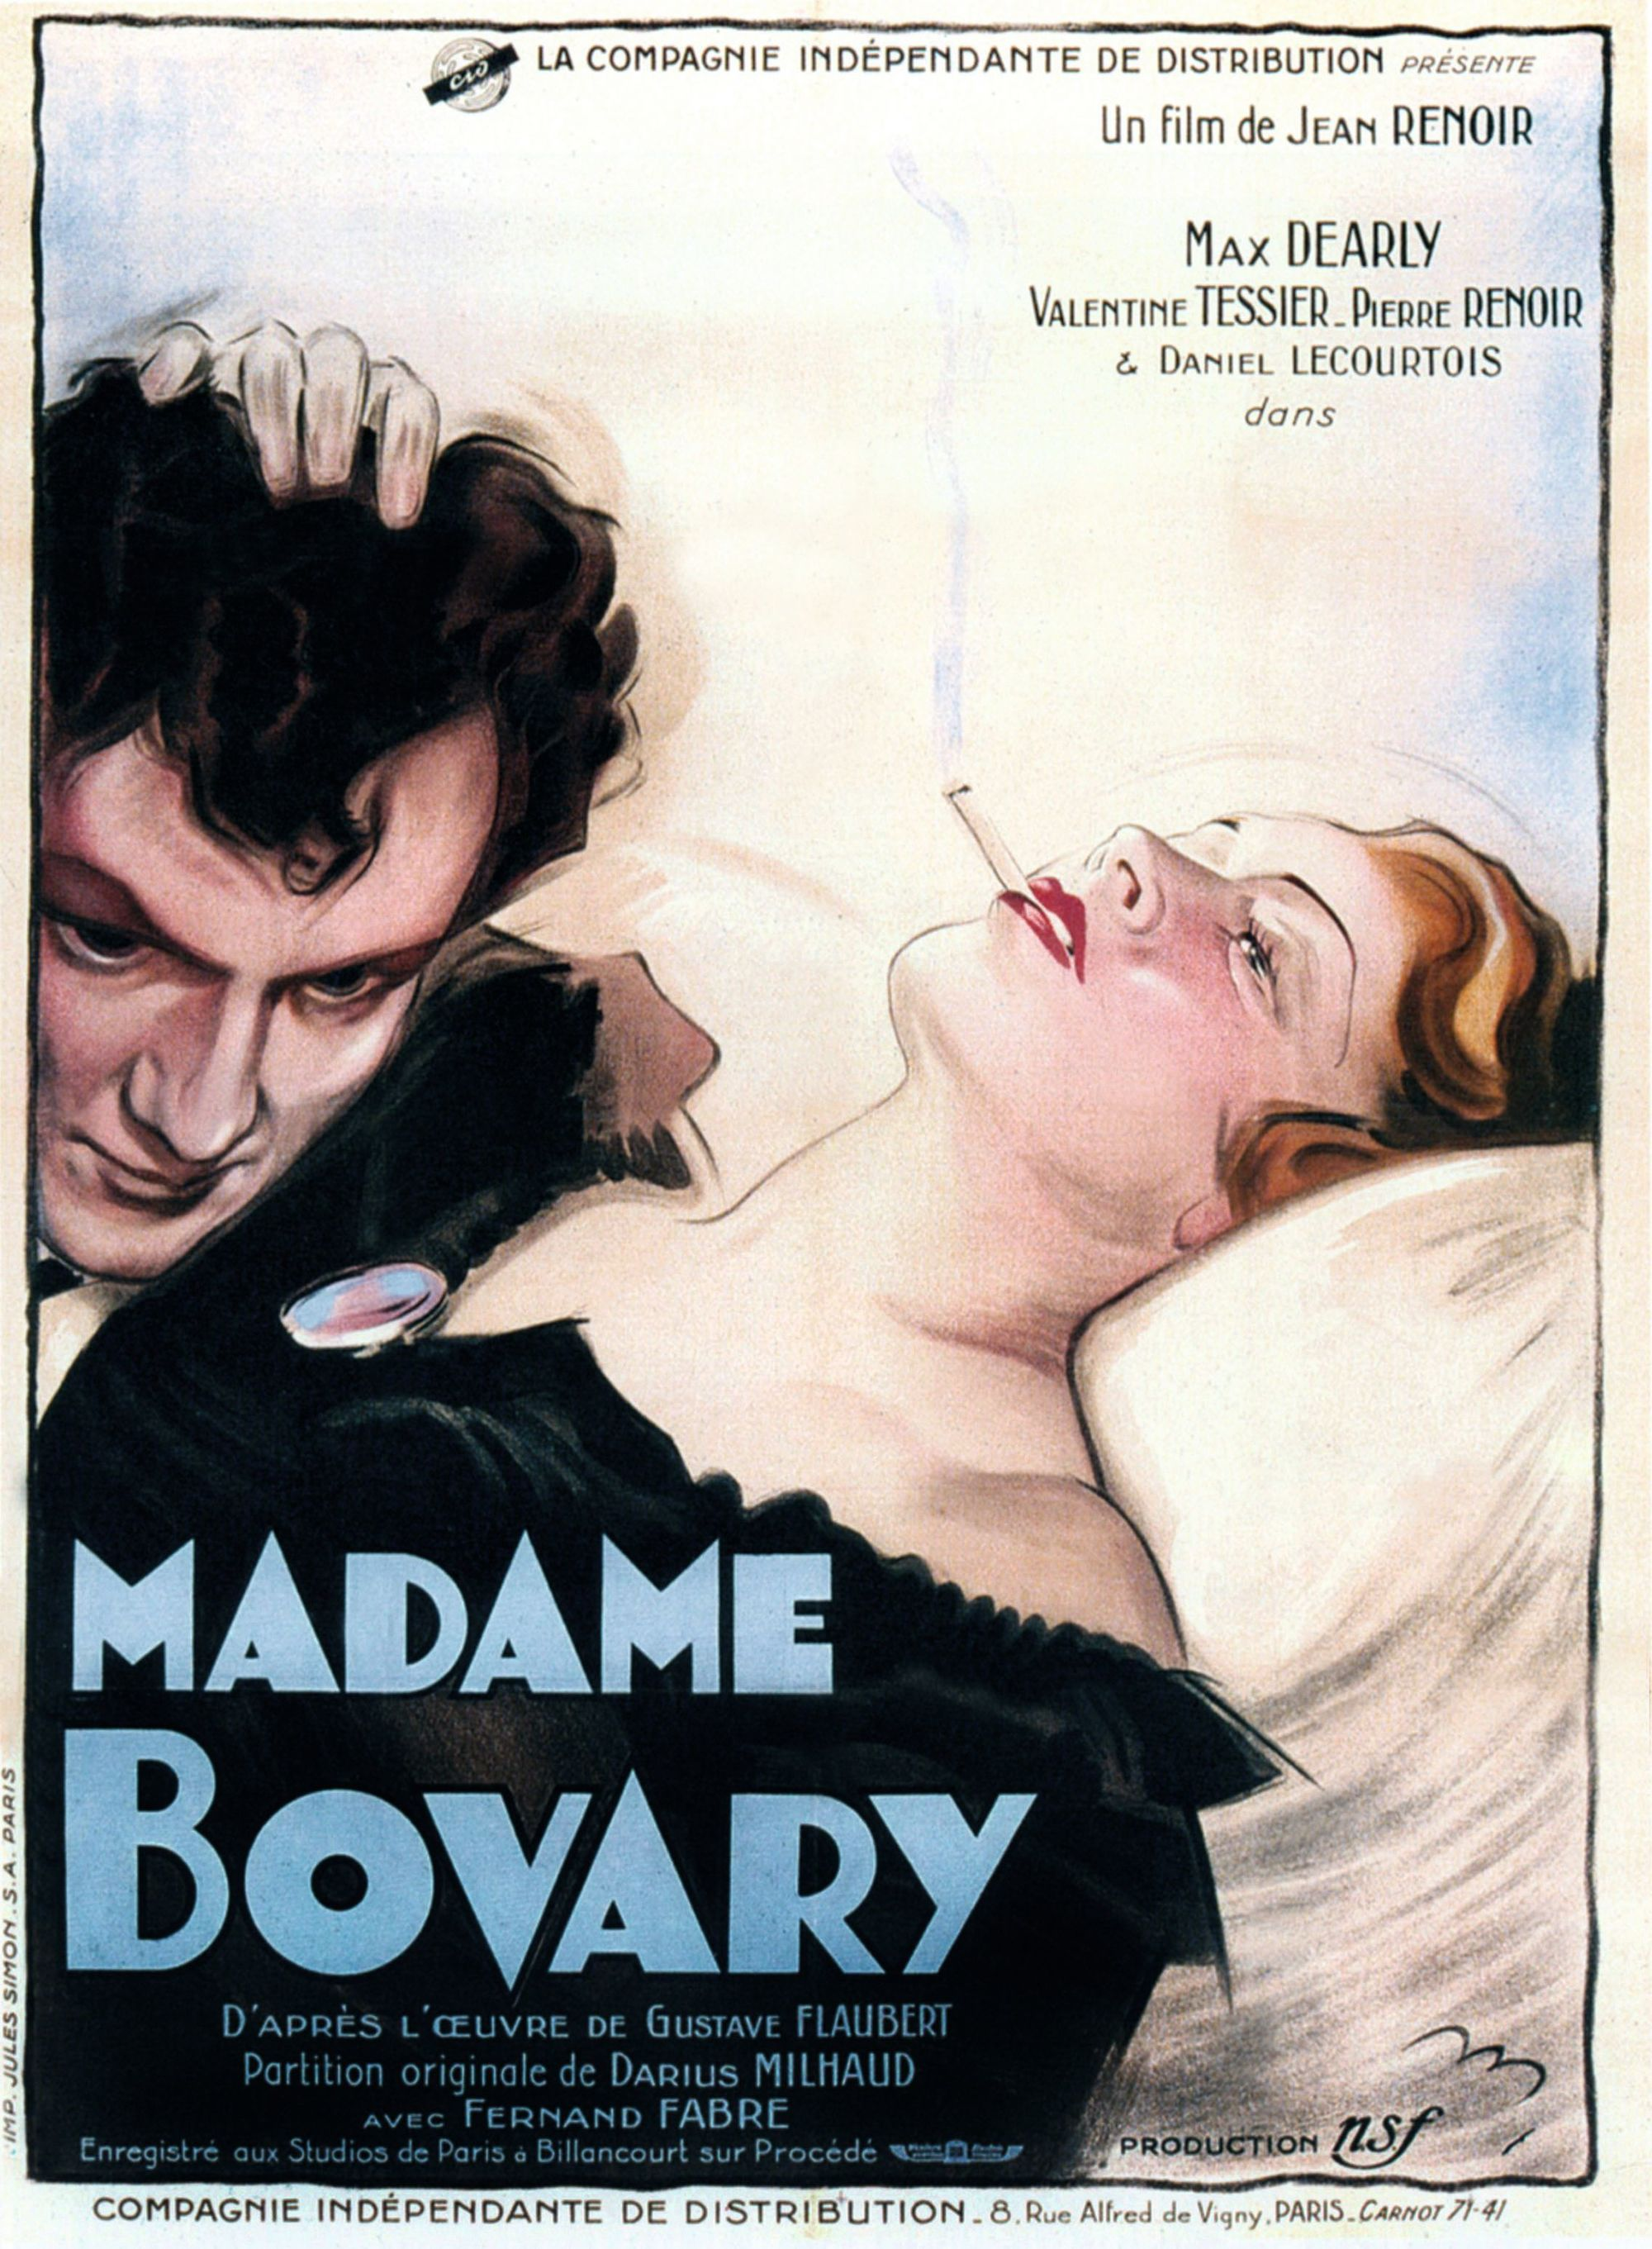 Affiche du film Madame Bovary de Jean Renoir, 1934.